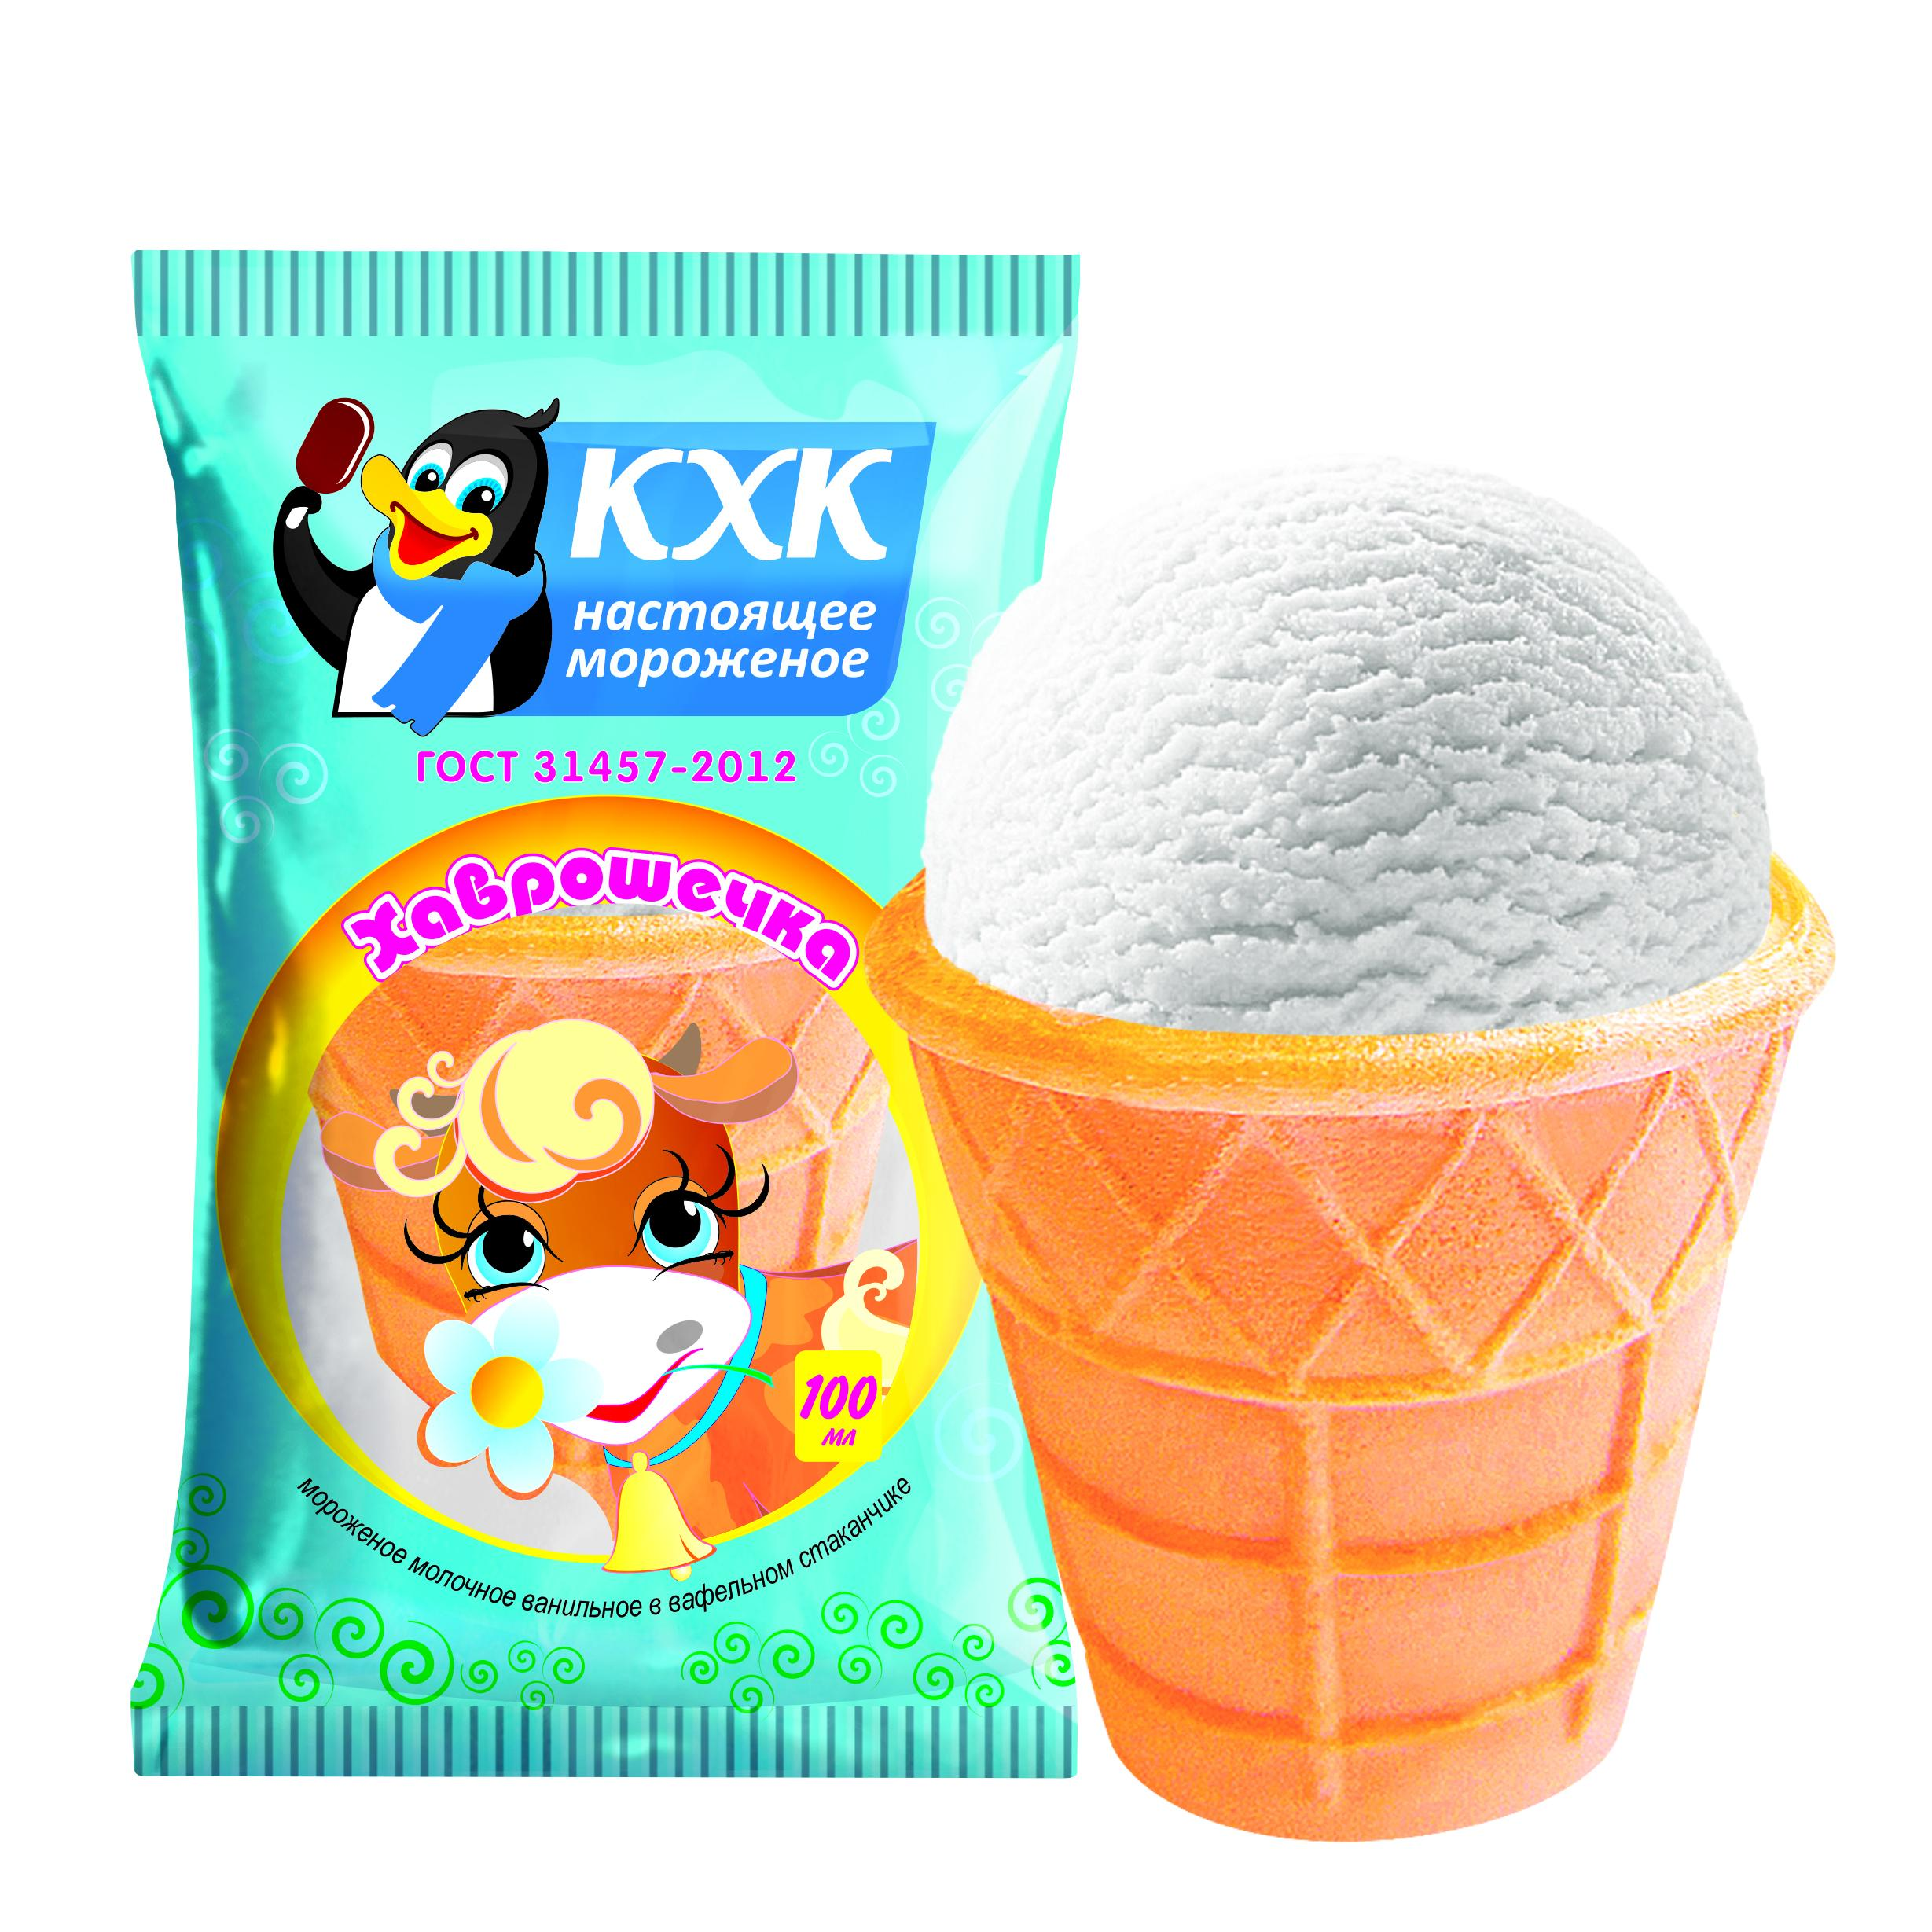 Мороженое КХК Хаврошечка молочное ванильное в вафельном стаканчике